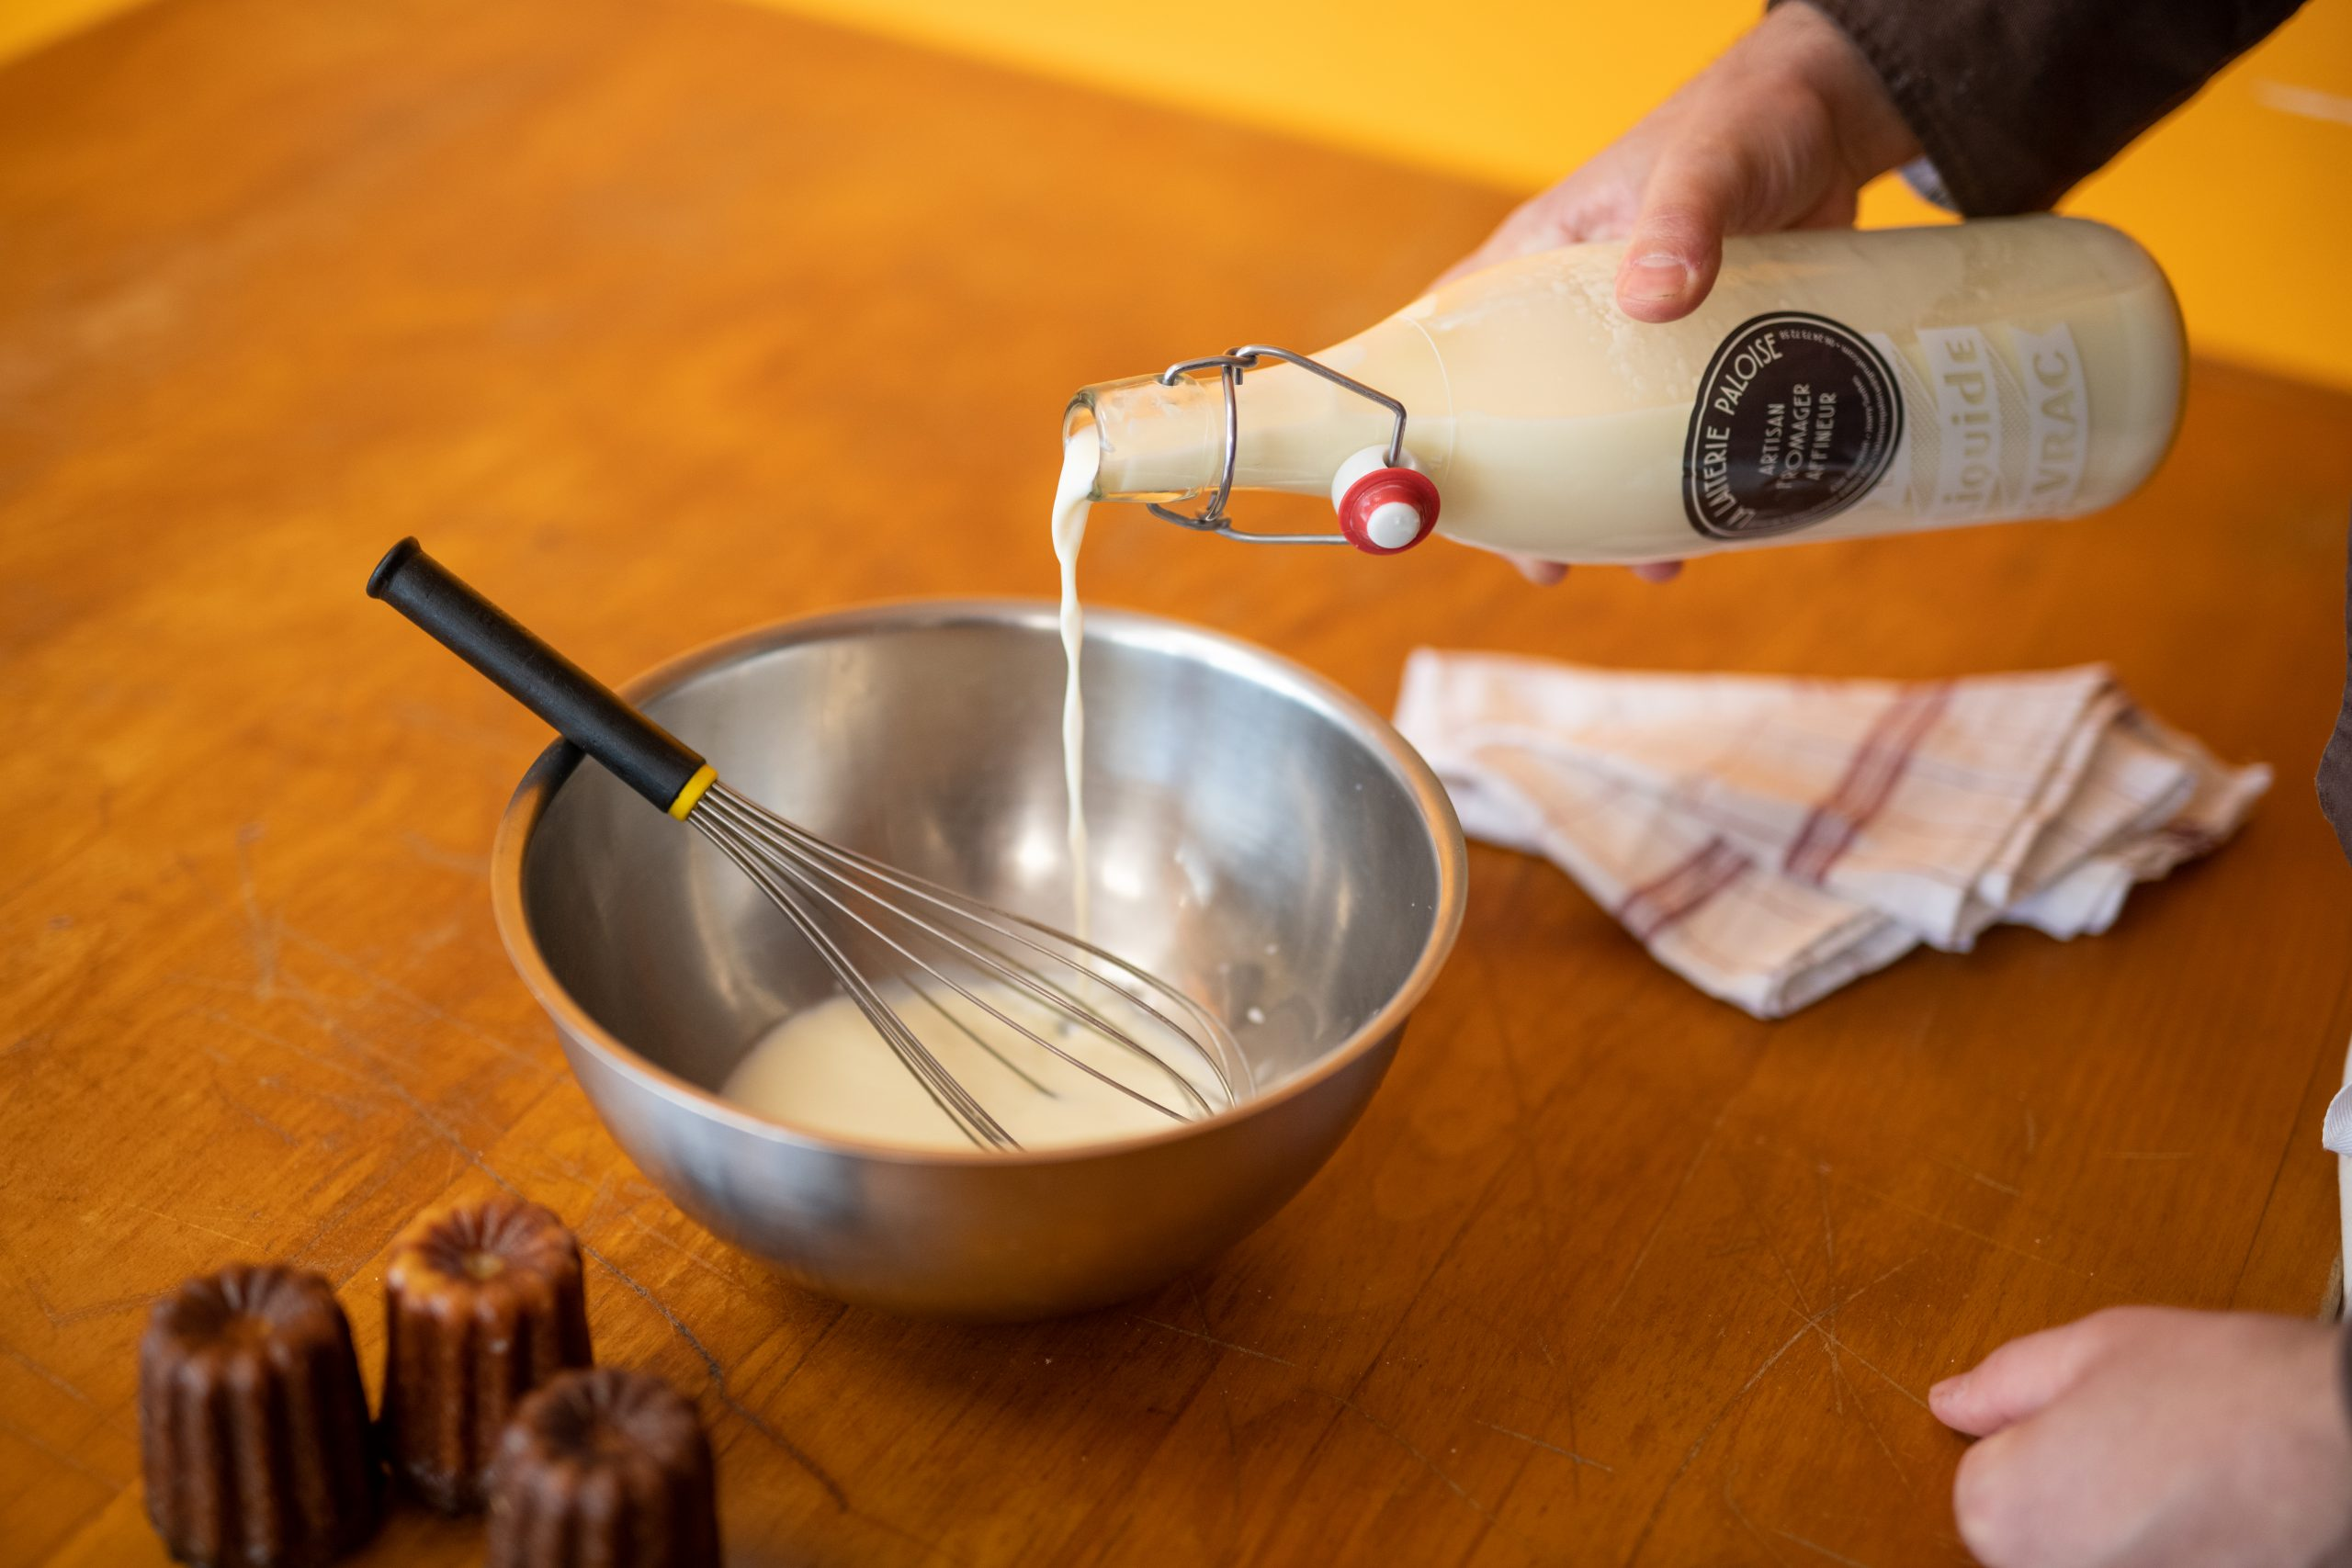 Lait artisanal de qualité (La Laiterie Paloise) pour réaliser de délicieux Cannelés